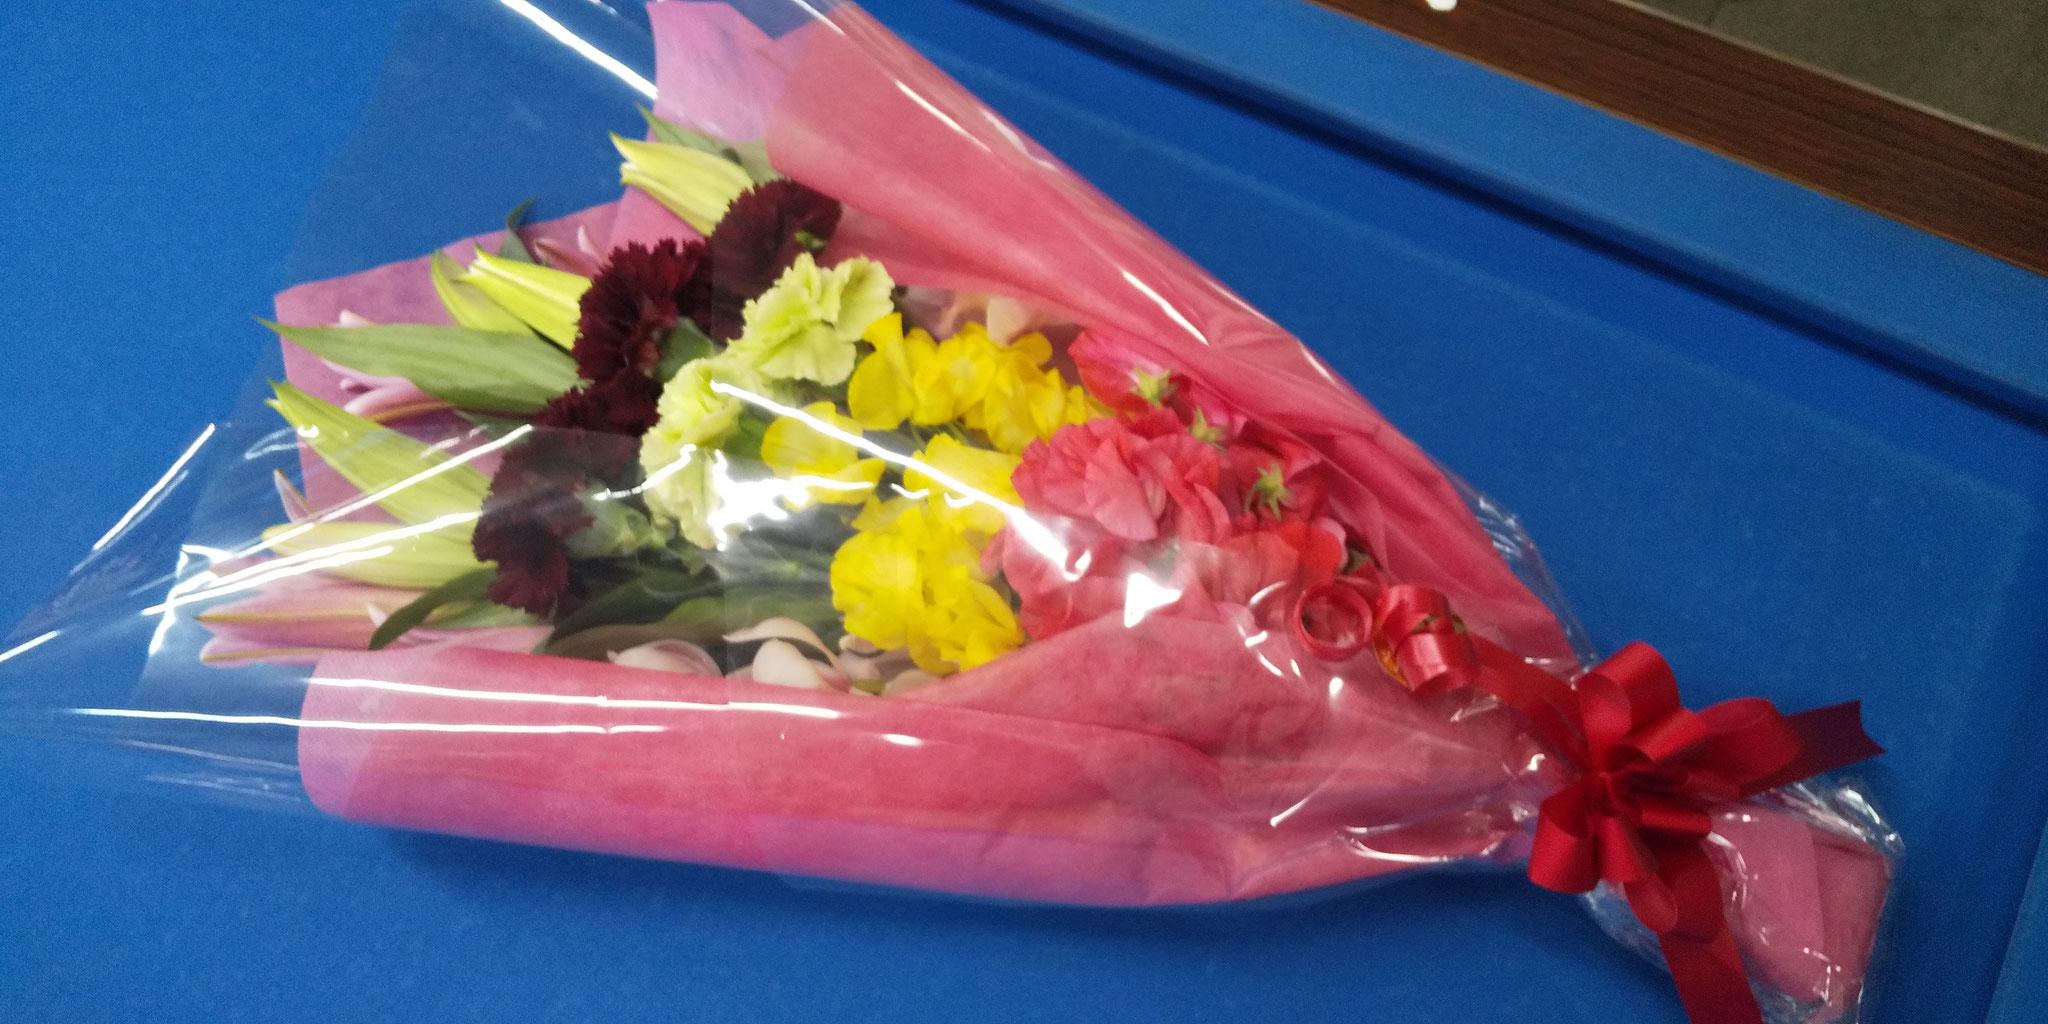 大きな花束を抱えて来店